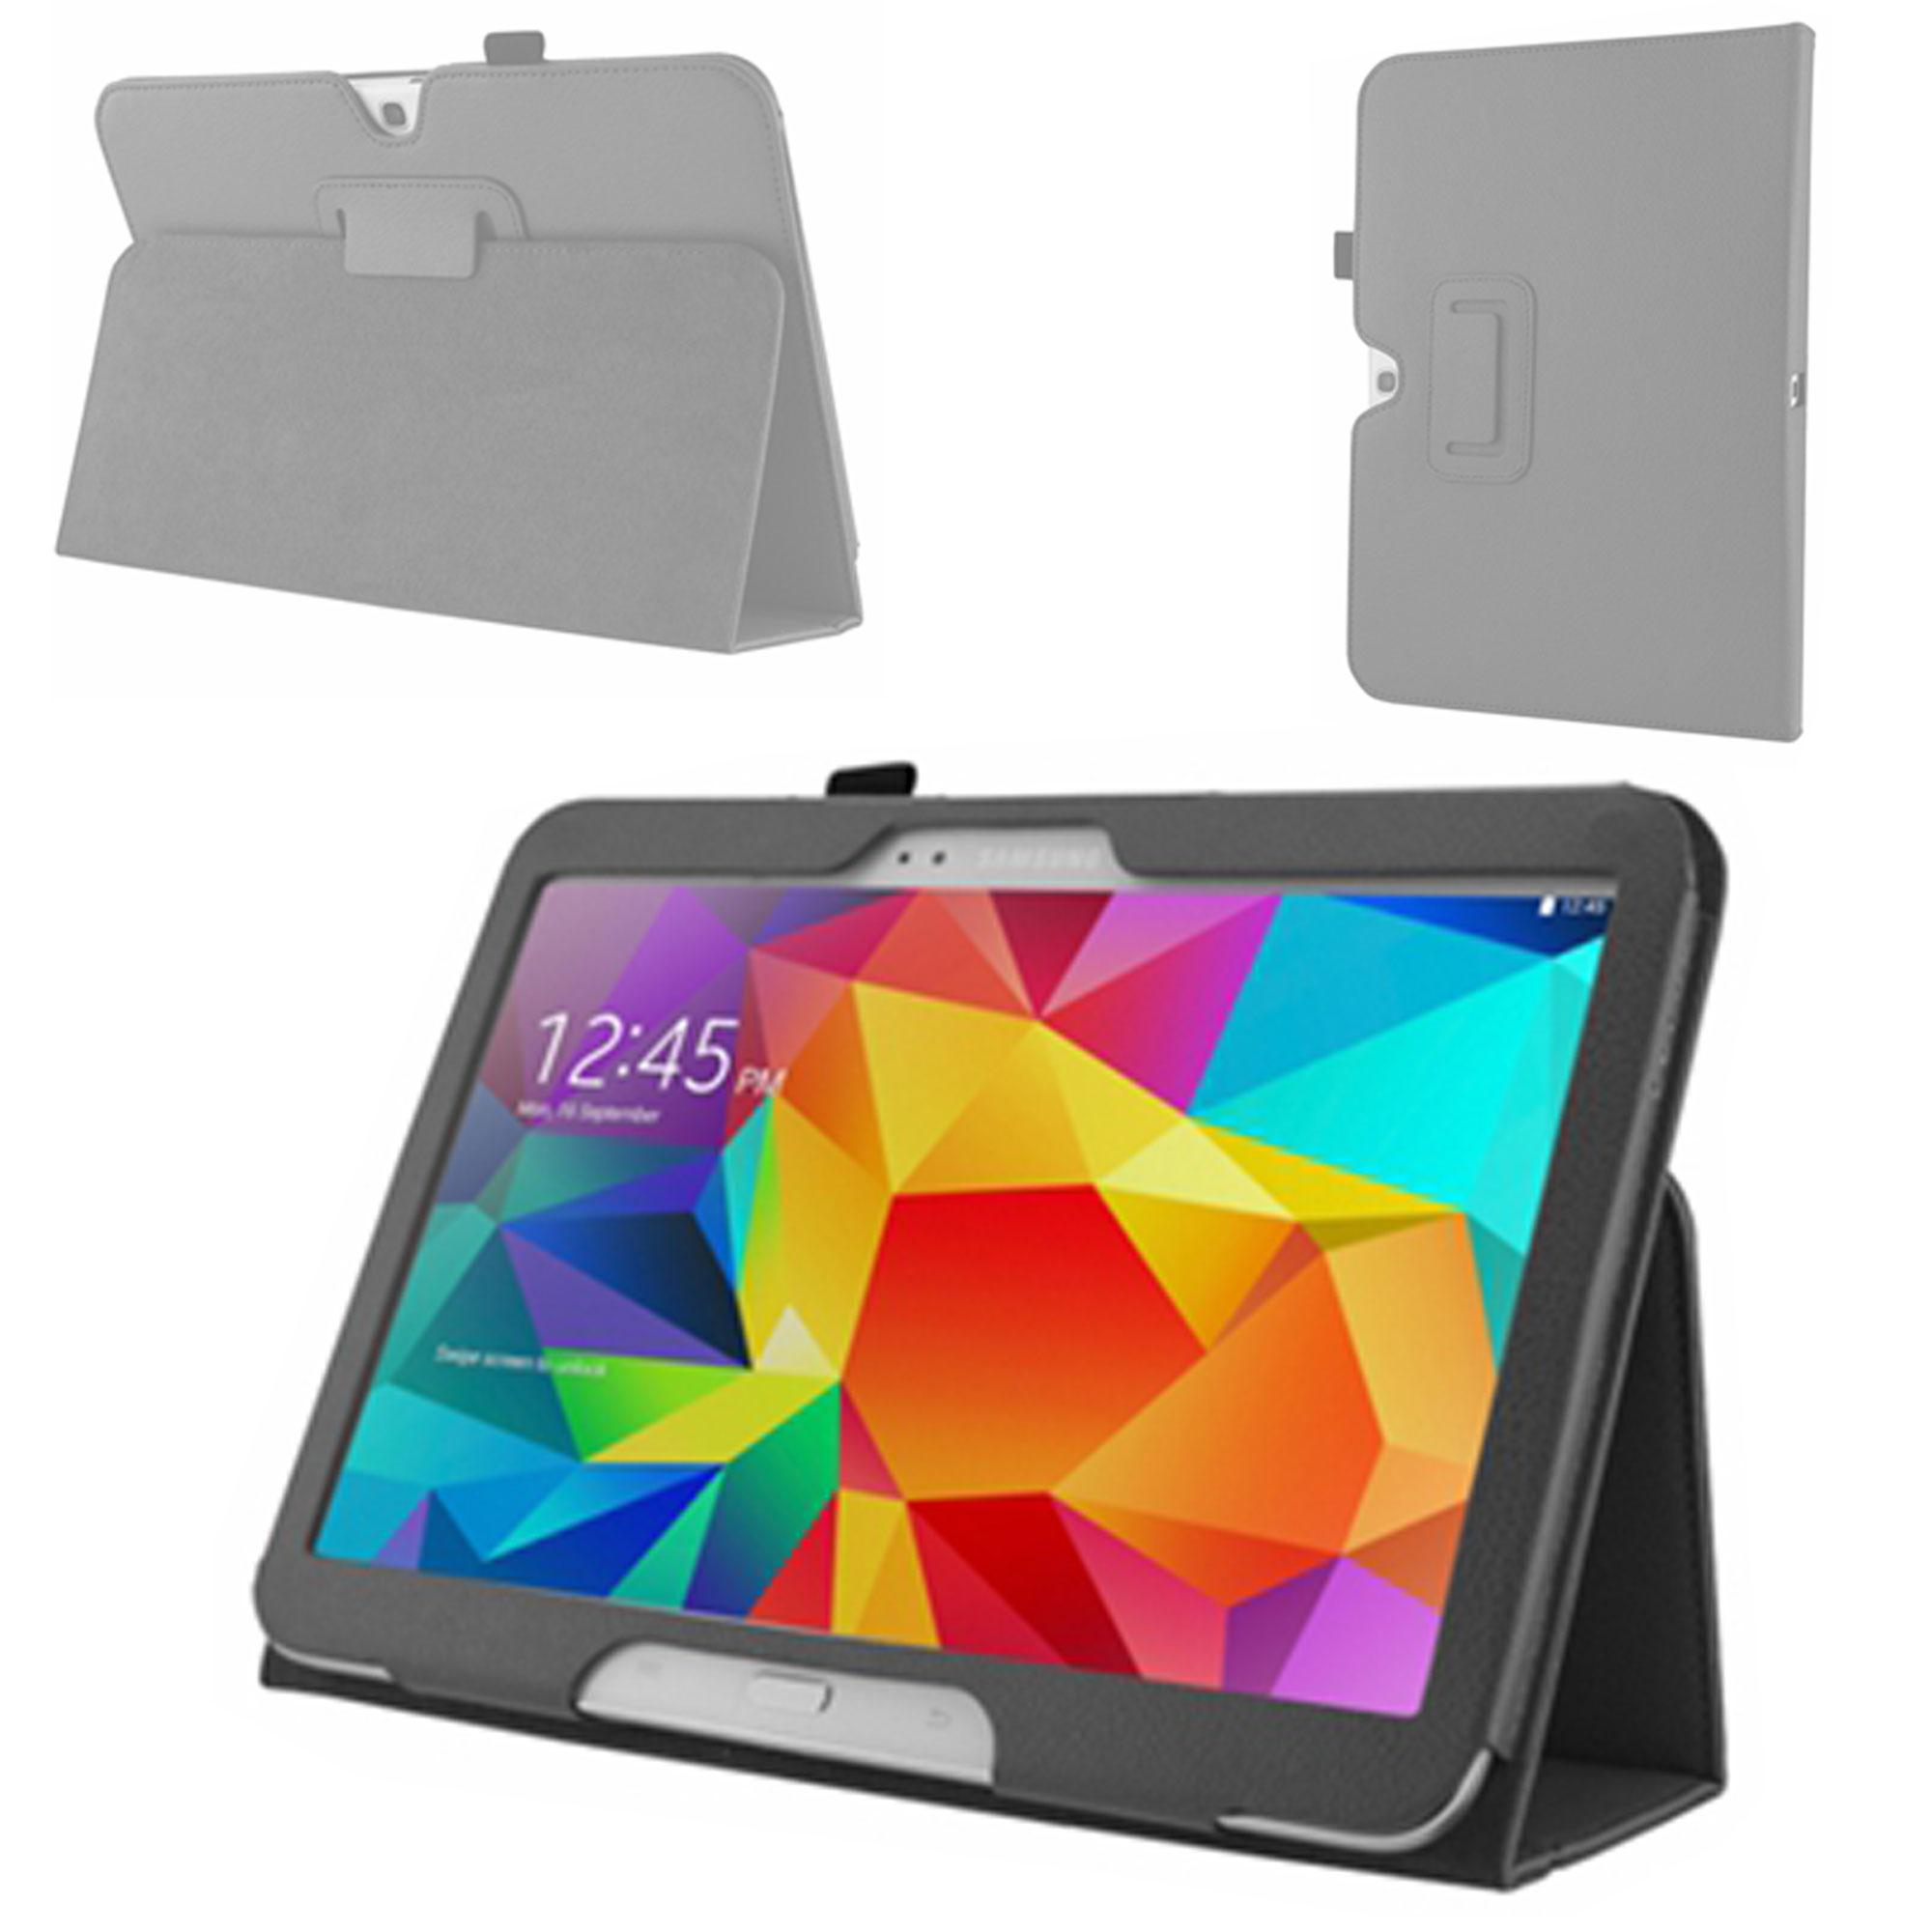 etui noir avec stand de maintien pour tablette tactile. Black Bedroom Furniture Sets. Home Design Ideas